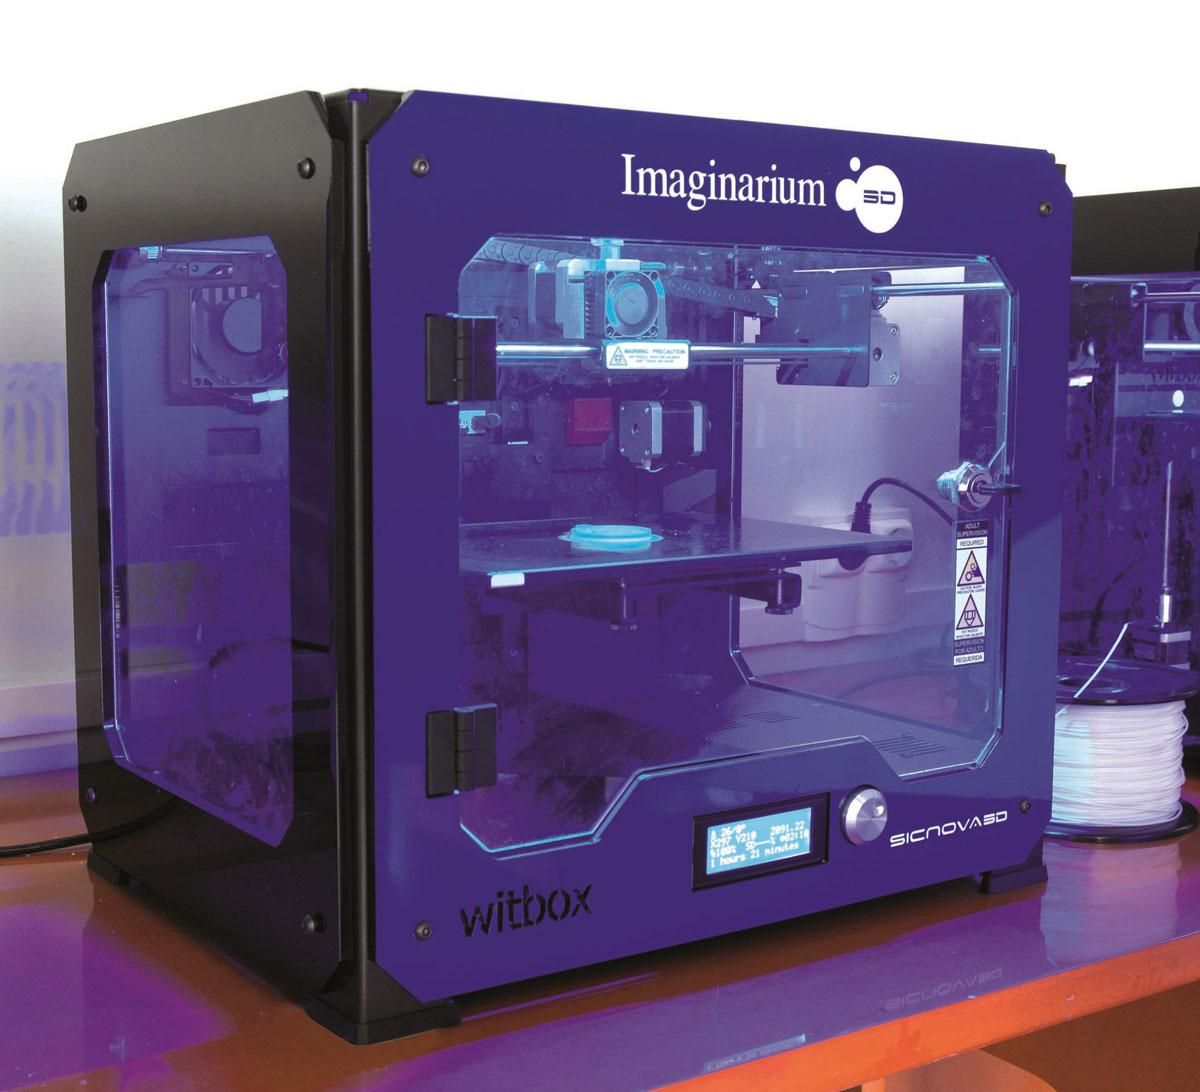 Imaginarium Is Making Maker Toys